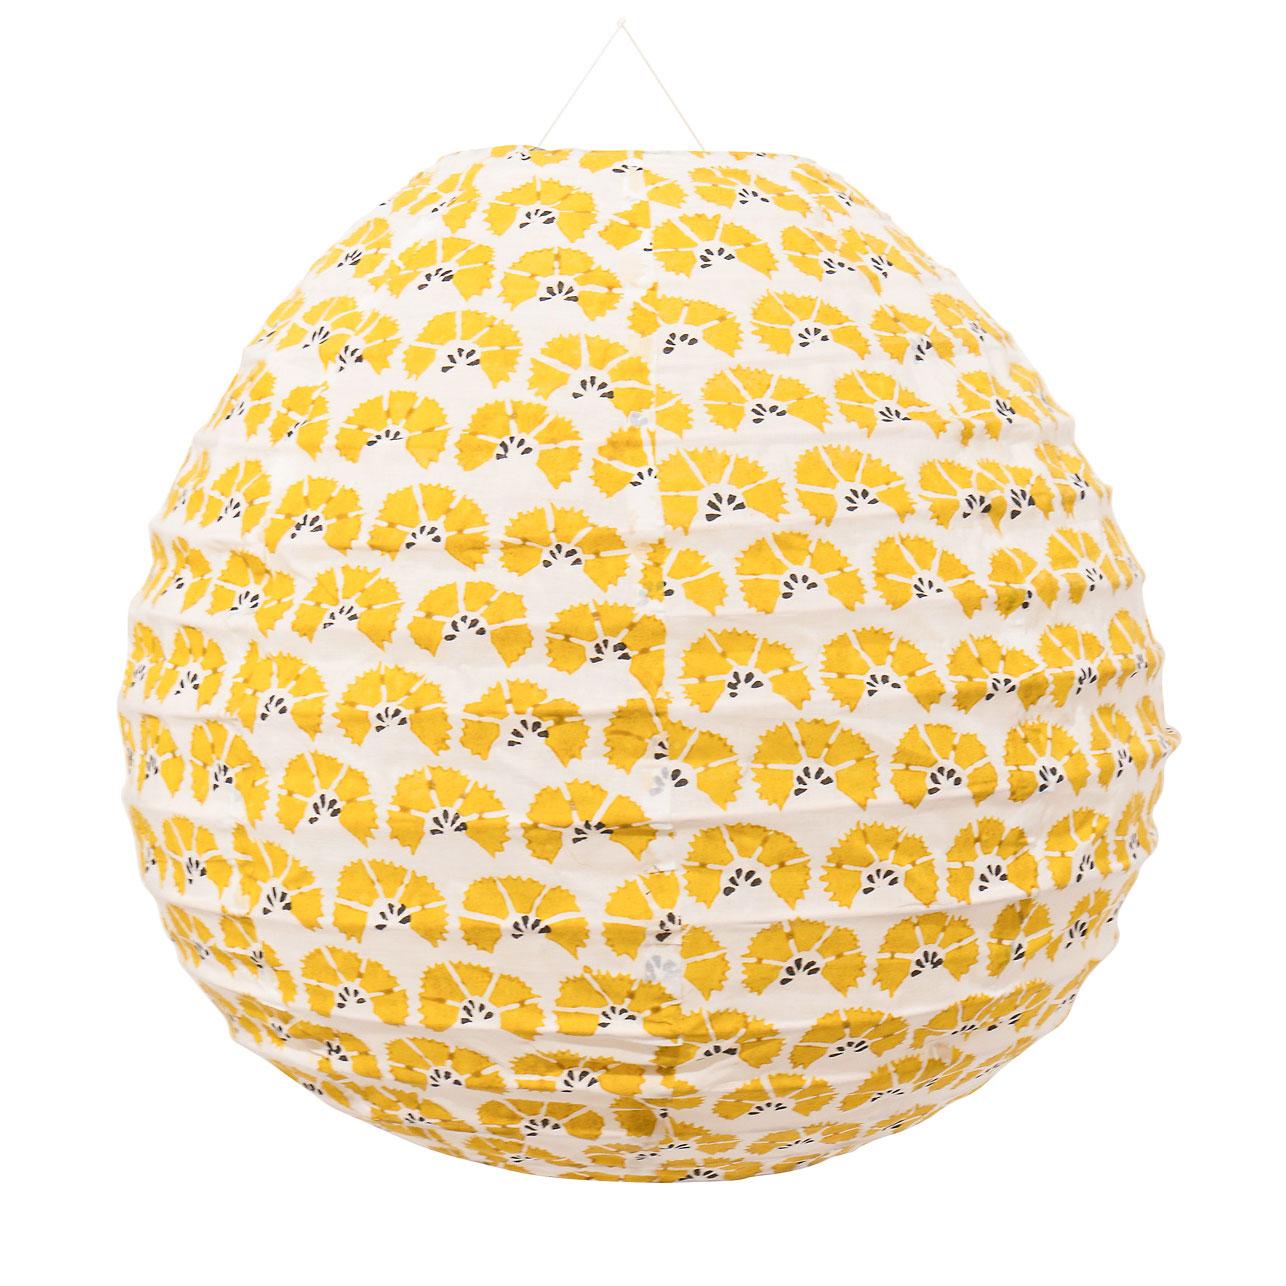 Cornflower Lampshade 40x41cm, Yellow